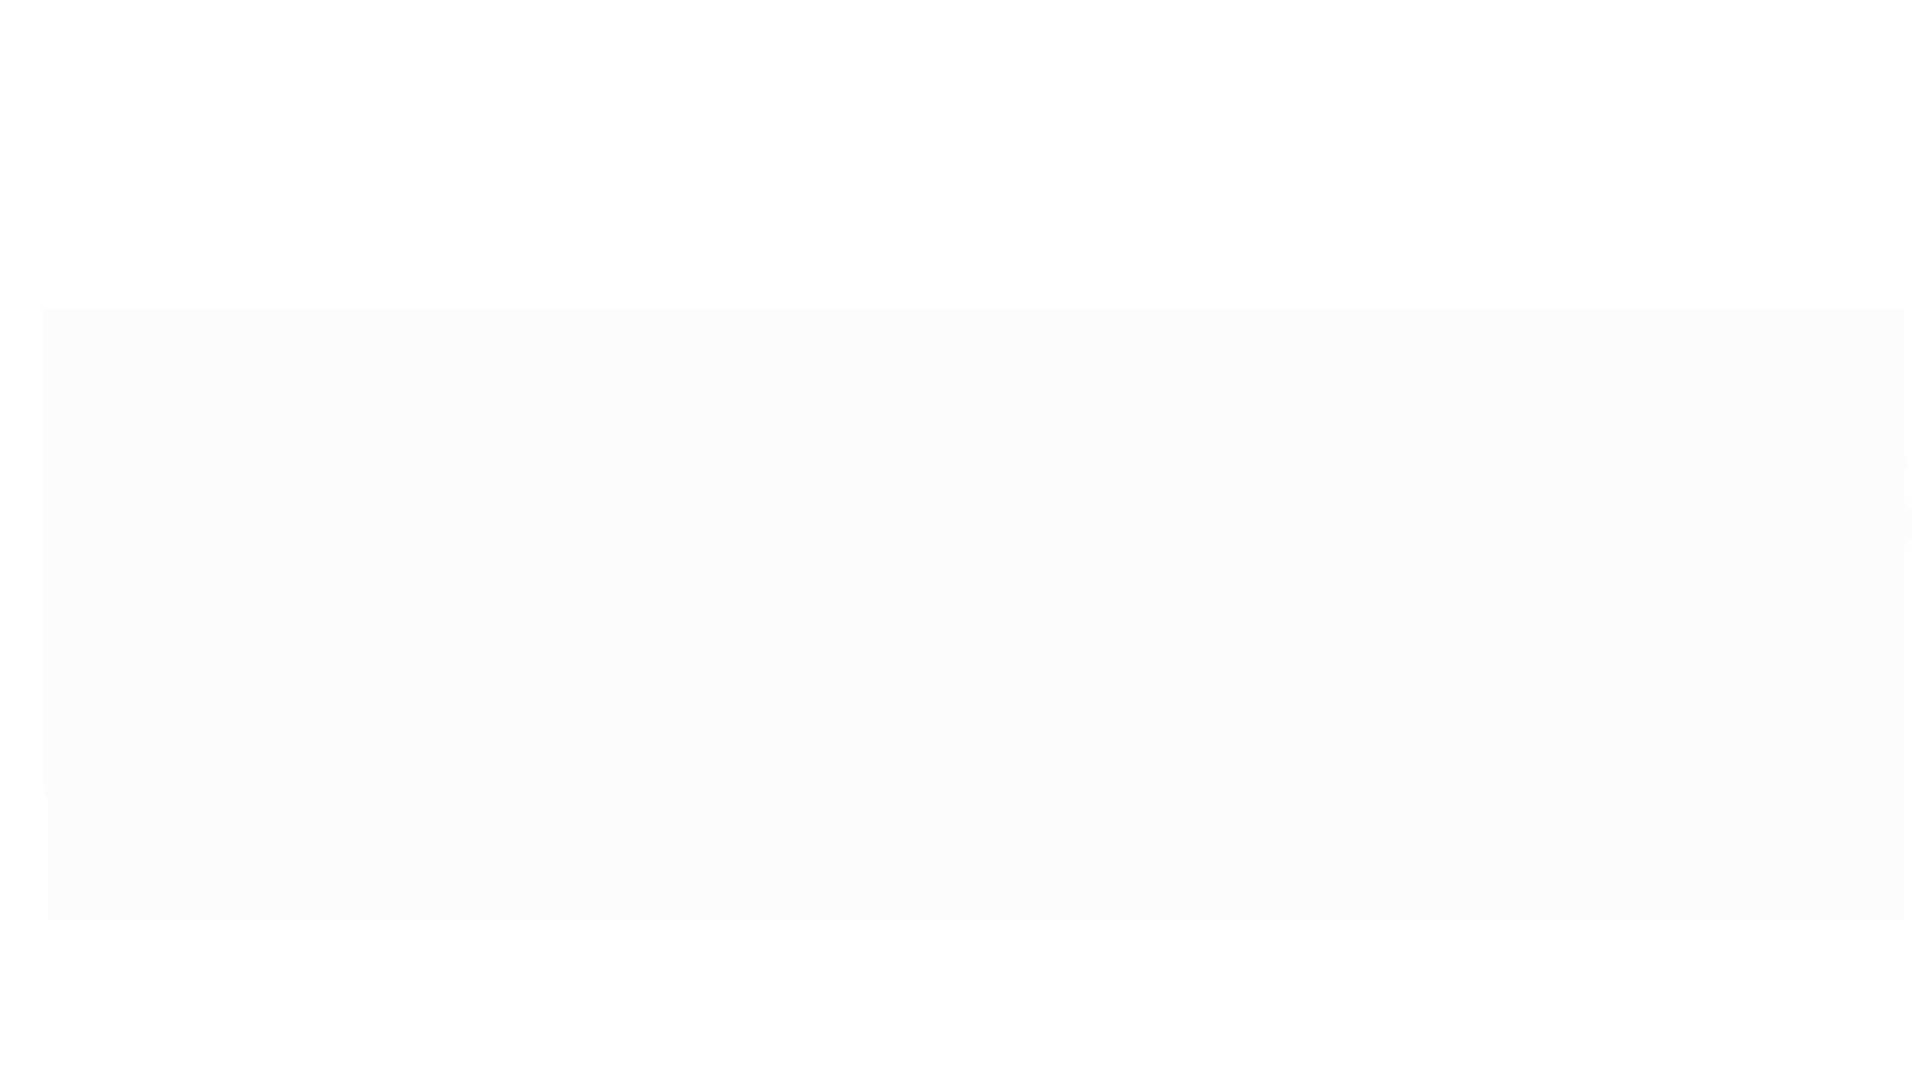 Kristianstad kommun